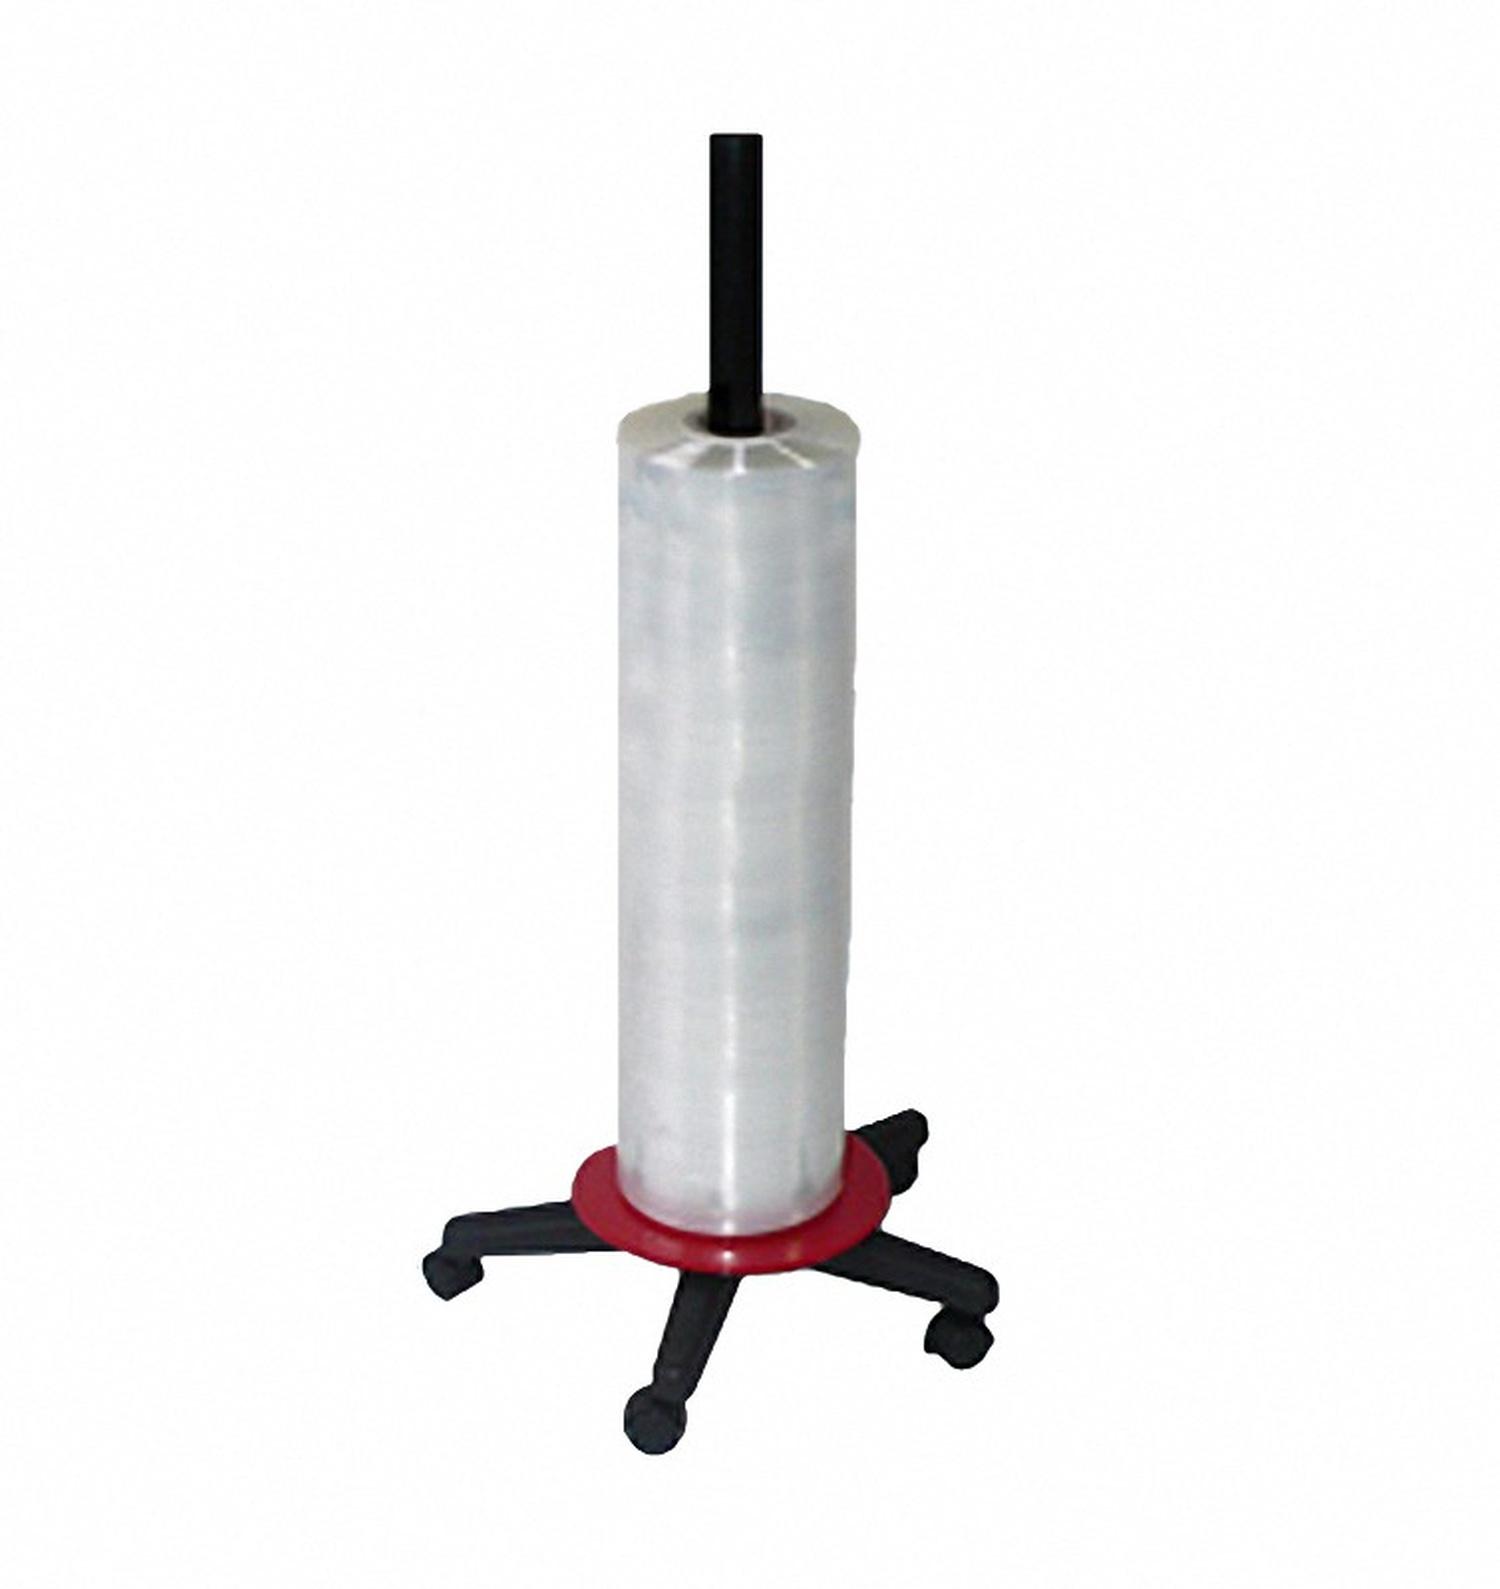 Folienspender senkrecht für Folienbreite bis  950 mm, rot/schwarz bis 50kg